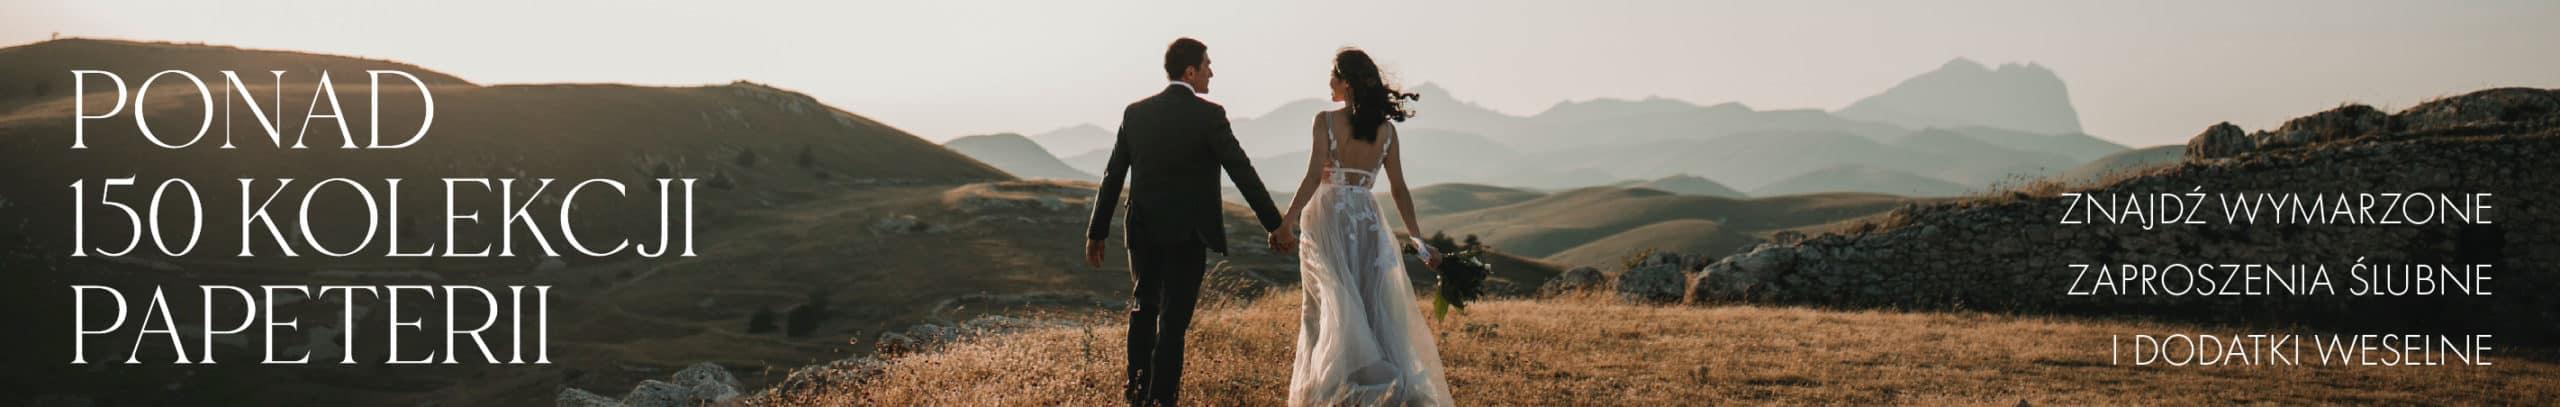 Ślub i Papier - wybierz swoje wymarzone zaproszenia ślubne i dodatki weselne